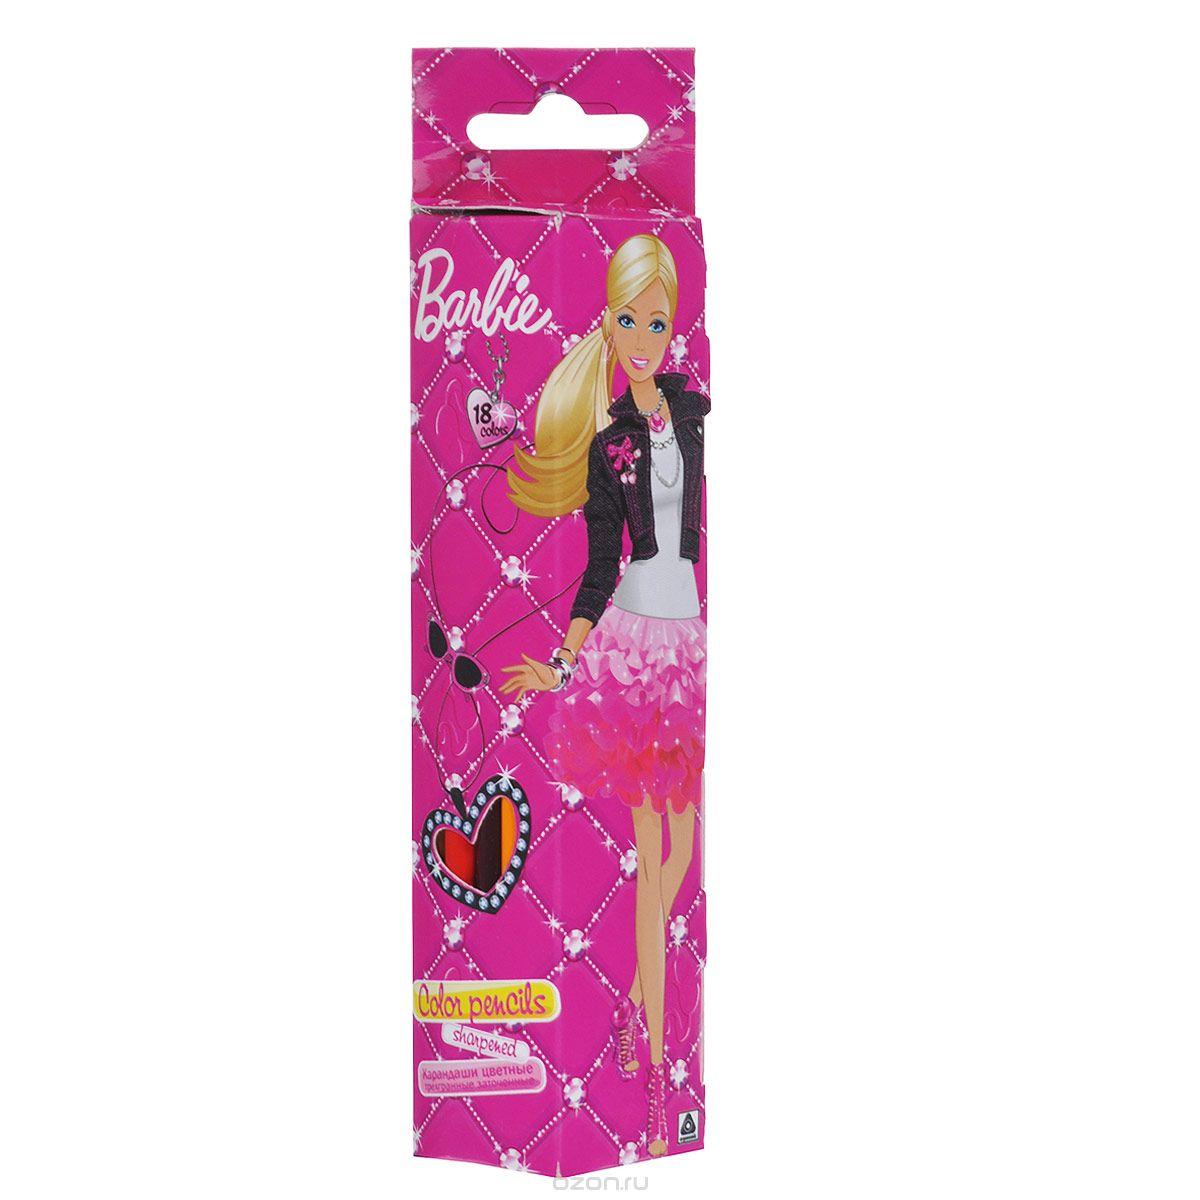 Набор цветных карандашей (треугольные), 18 шт. Цветные карандаши длиной 17,8 см; заточенные; дерево - липа; цветной грифель 2,65 мм; Barbie карандаши fila lyra graduate гексагональные цветные карандаши 12шт картонная упаковка